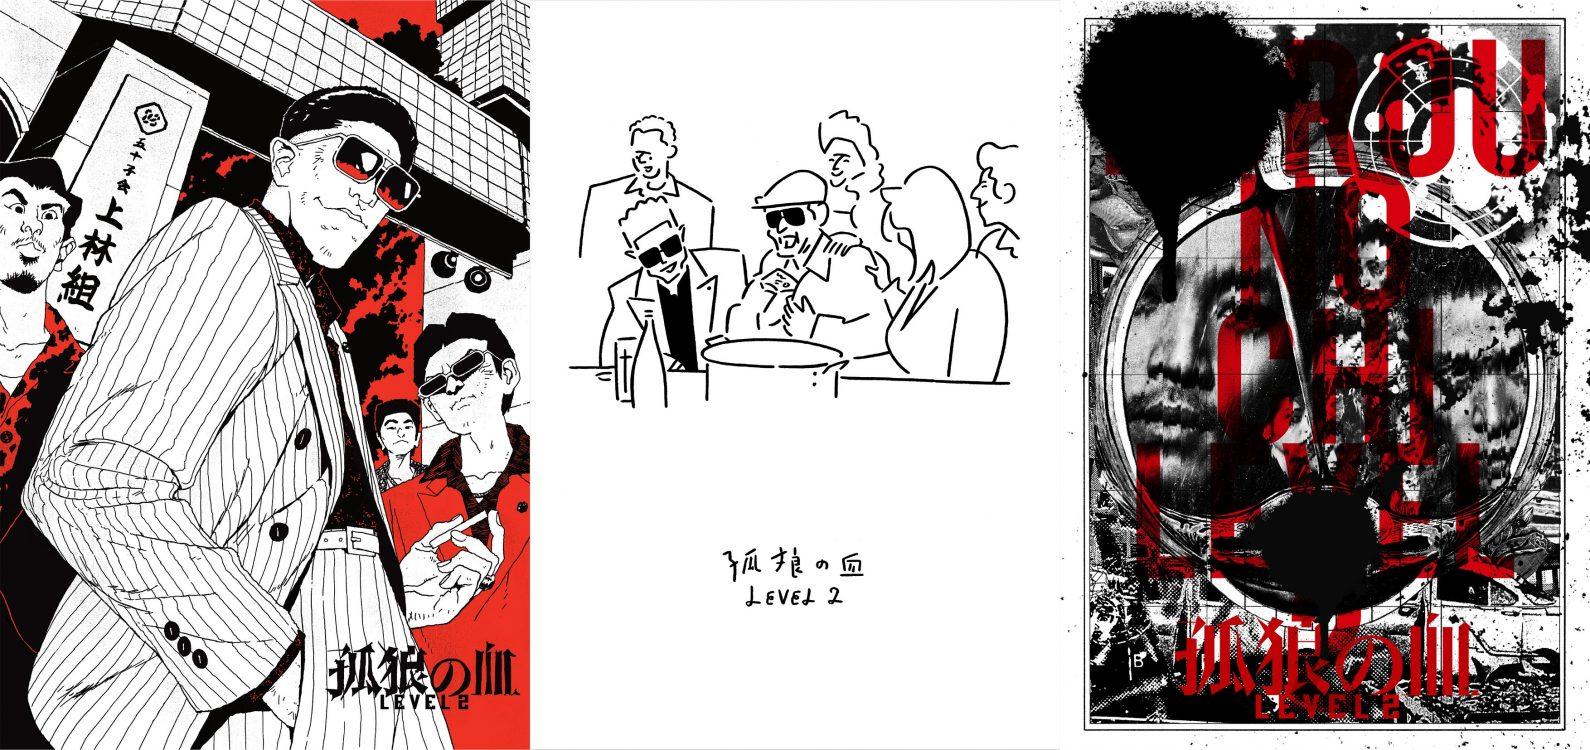 映画『孤狼の血 LEVEL 2』、アートとのコラボによるビジュアルポスターが出現!